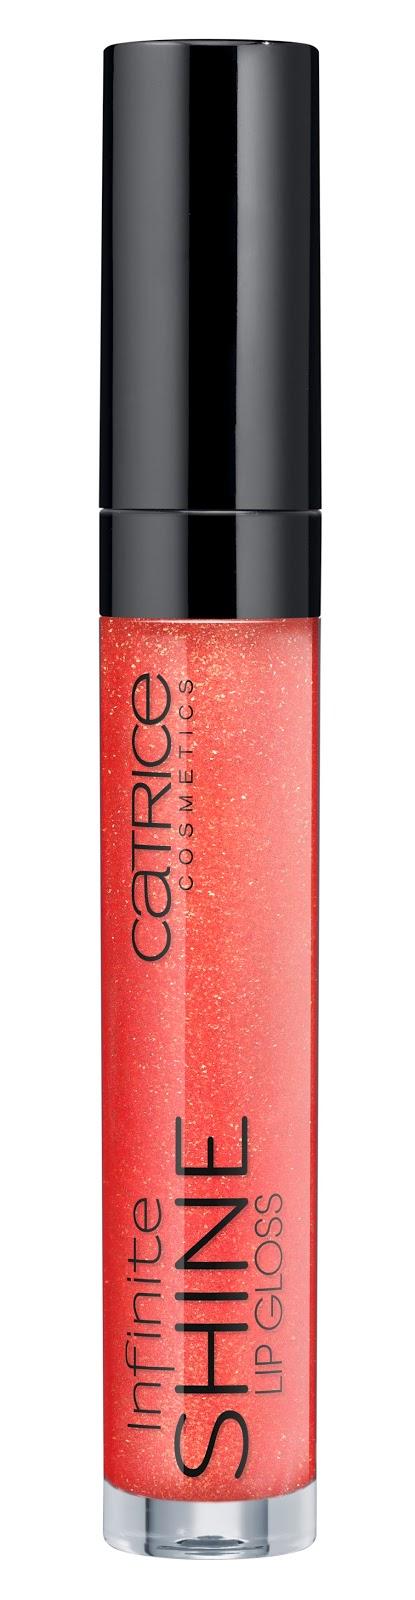 Catrice - Infinite Shine Lip Gloss